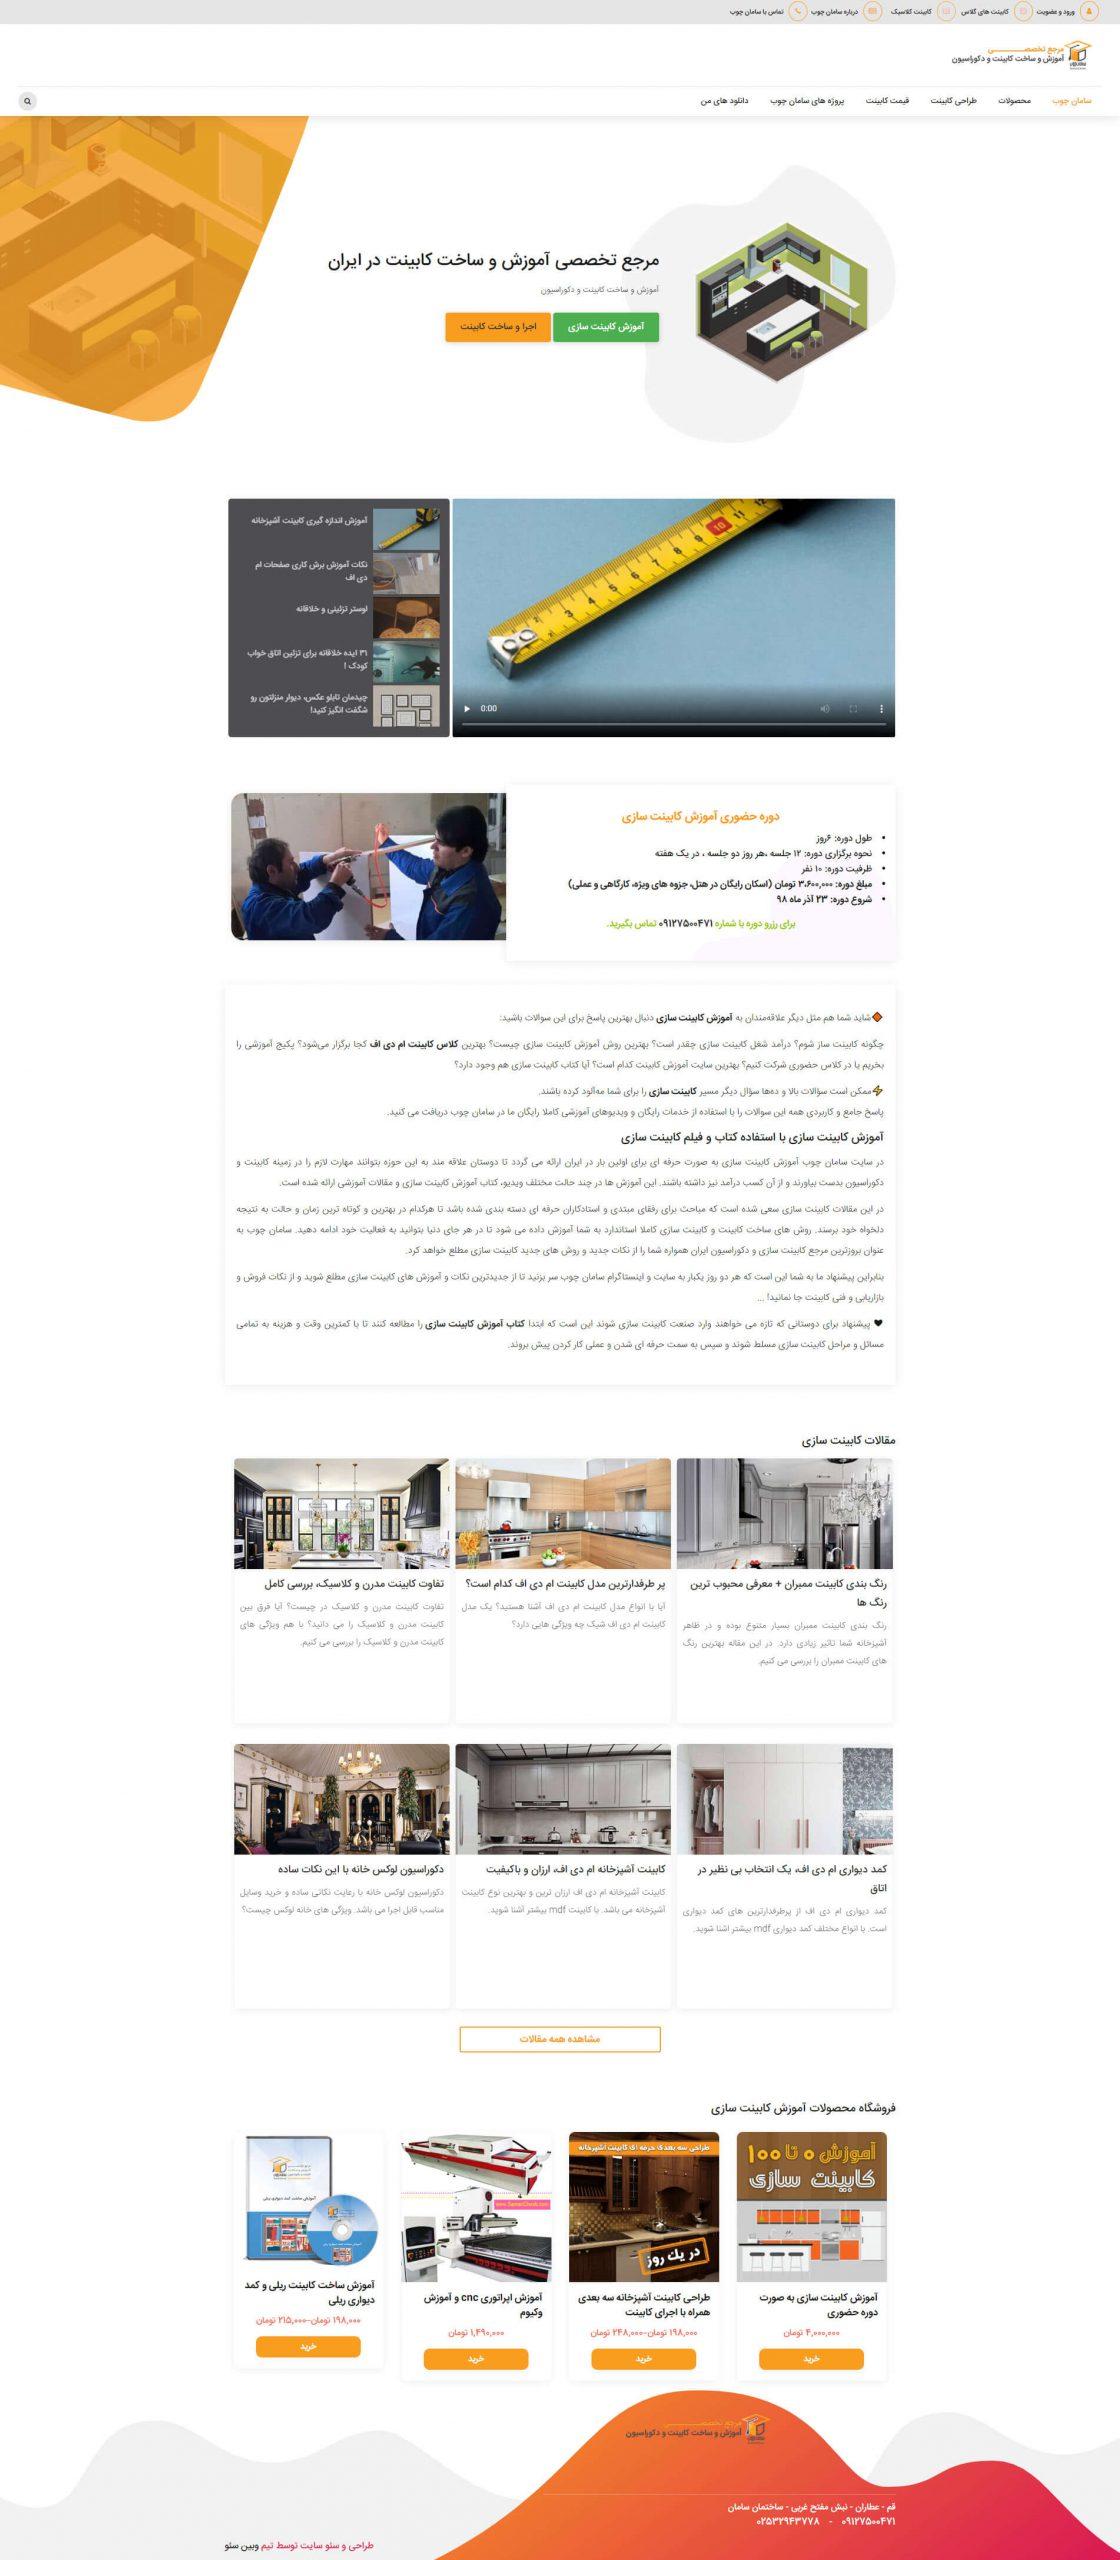 بهینه سازی سایت,بهینه سازی سورس سایت,طراحی سایت آموزشی